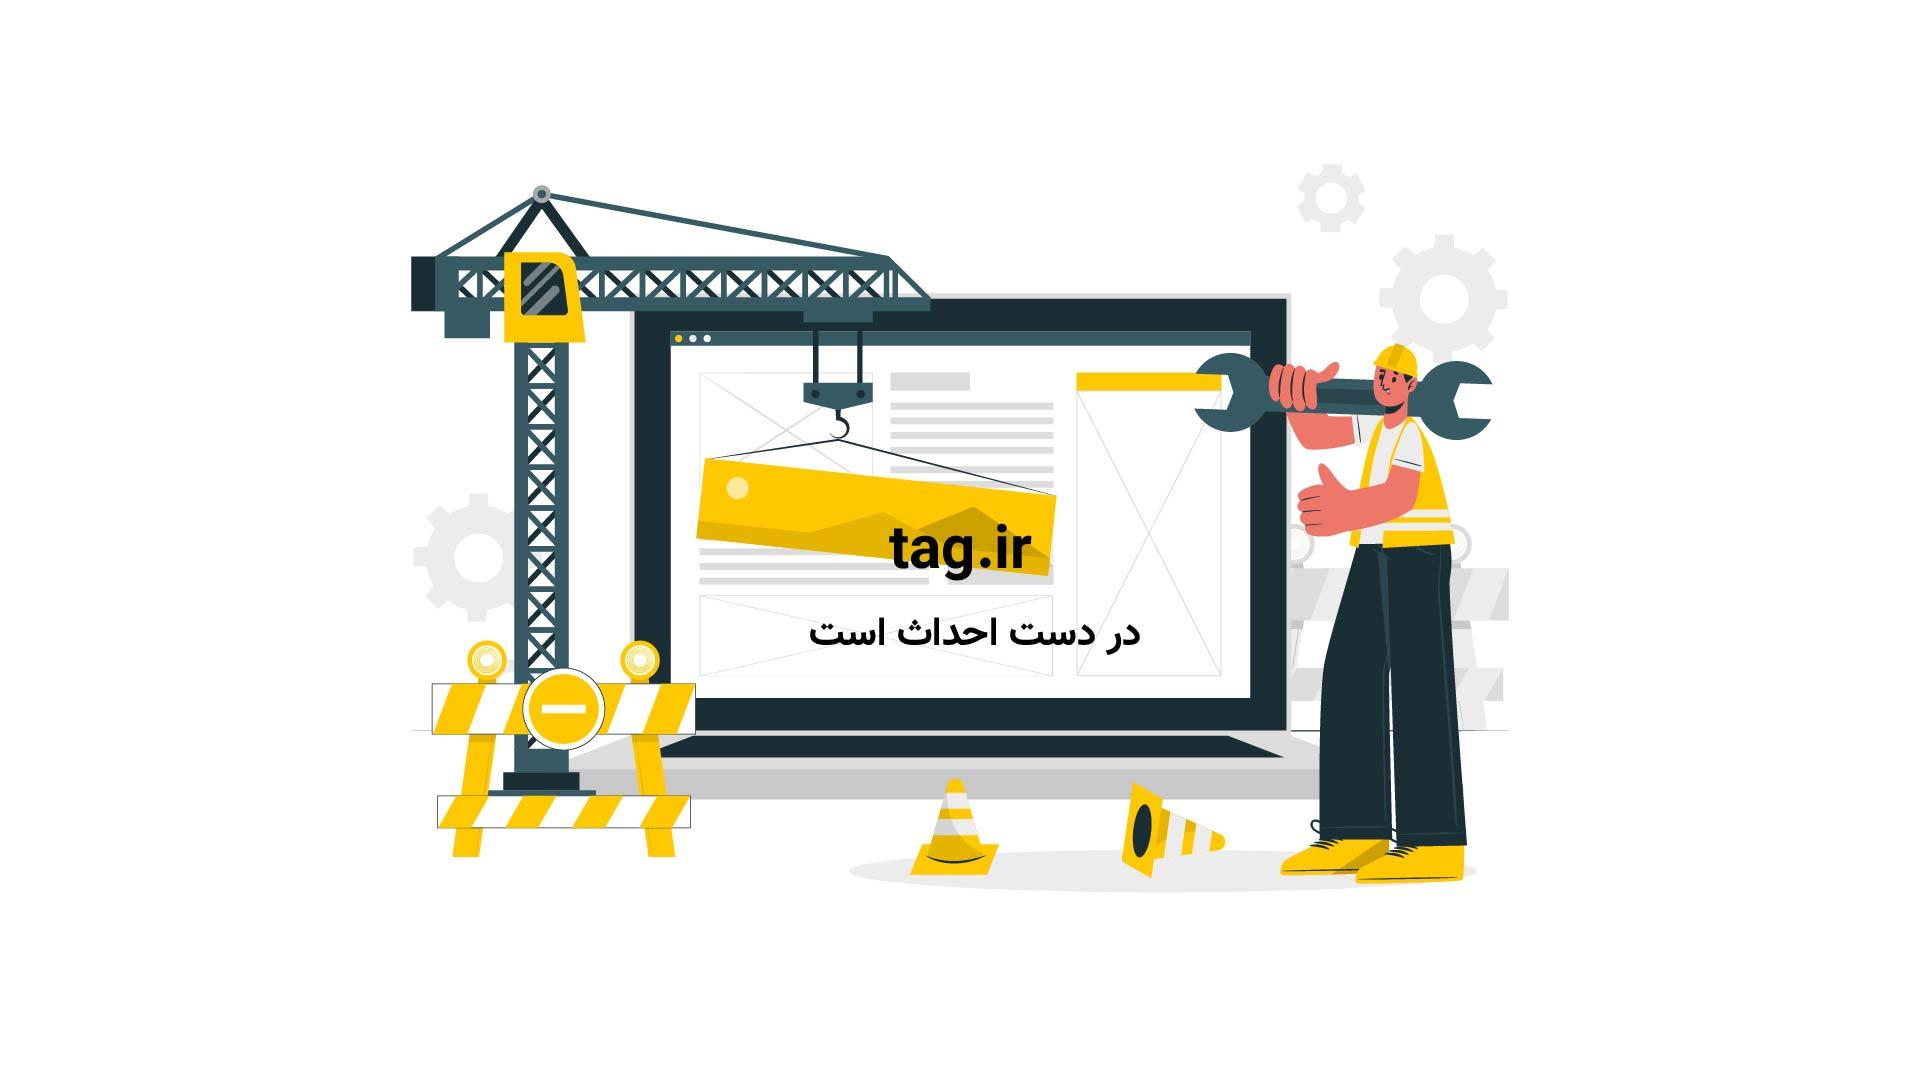 ساختمان پلاسکوی معروف دچار آتش سوزی شد | فیلم